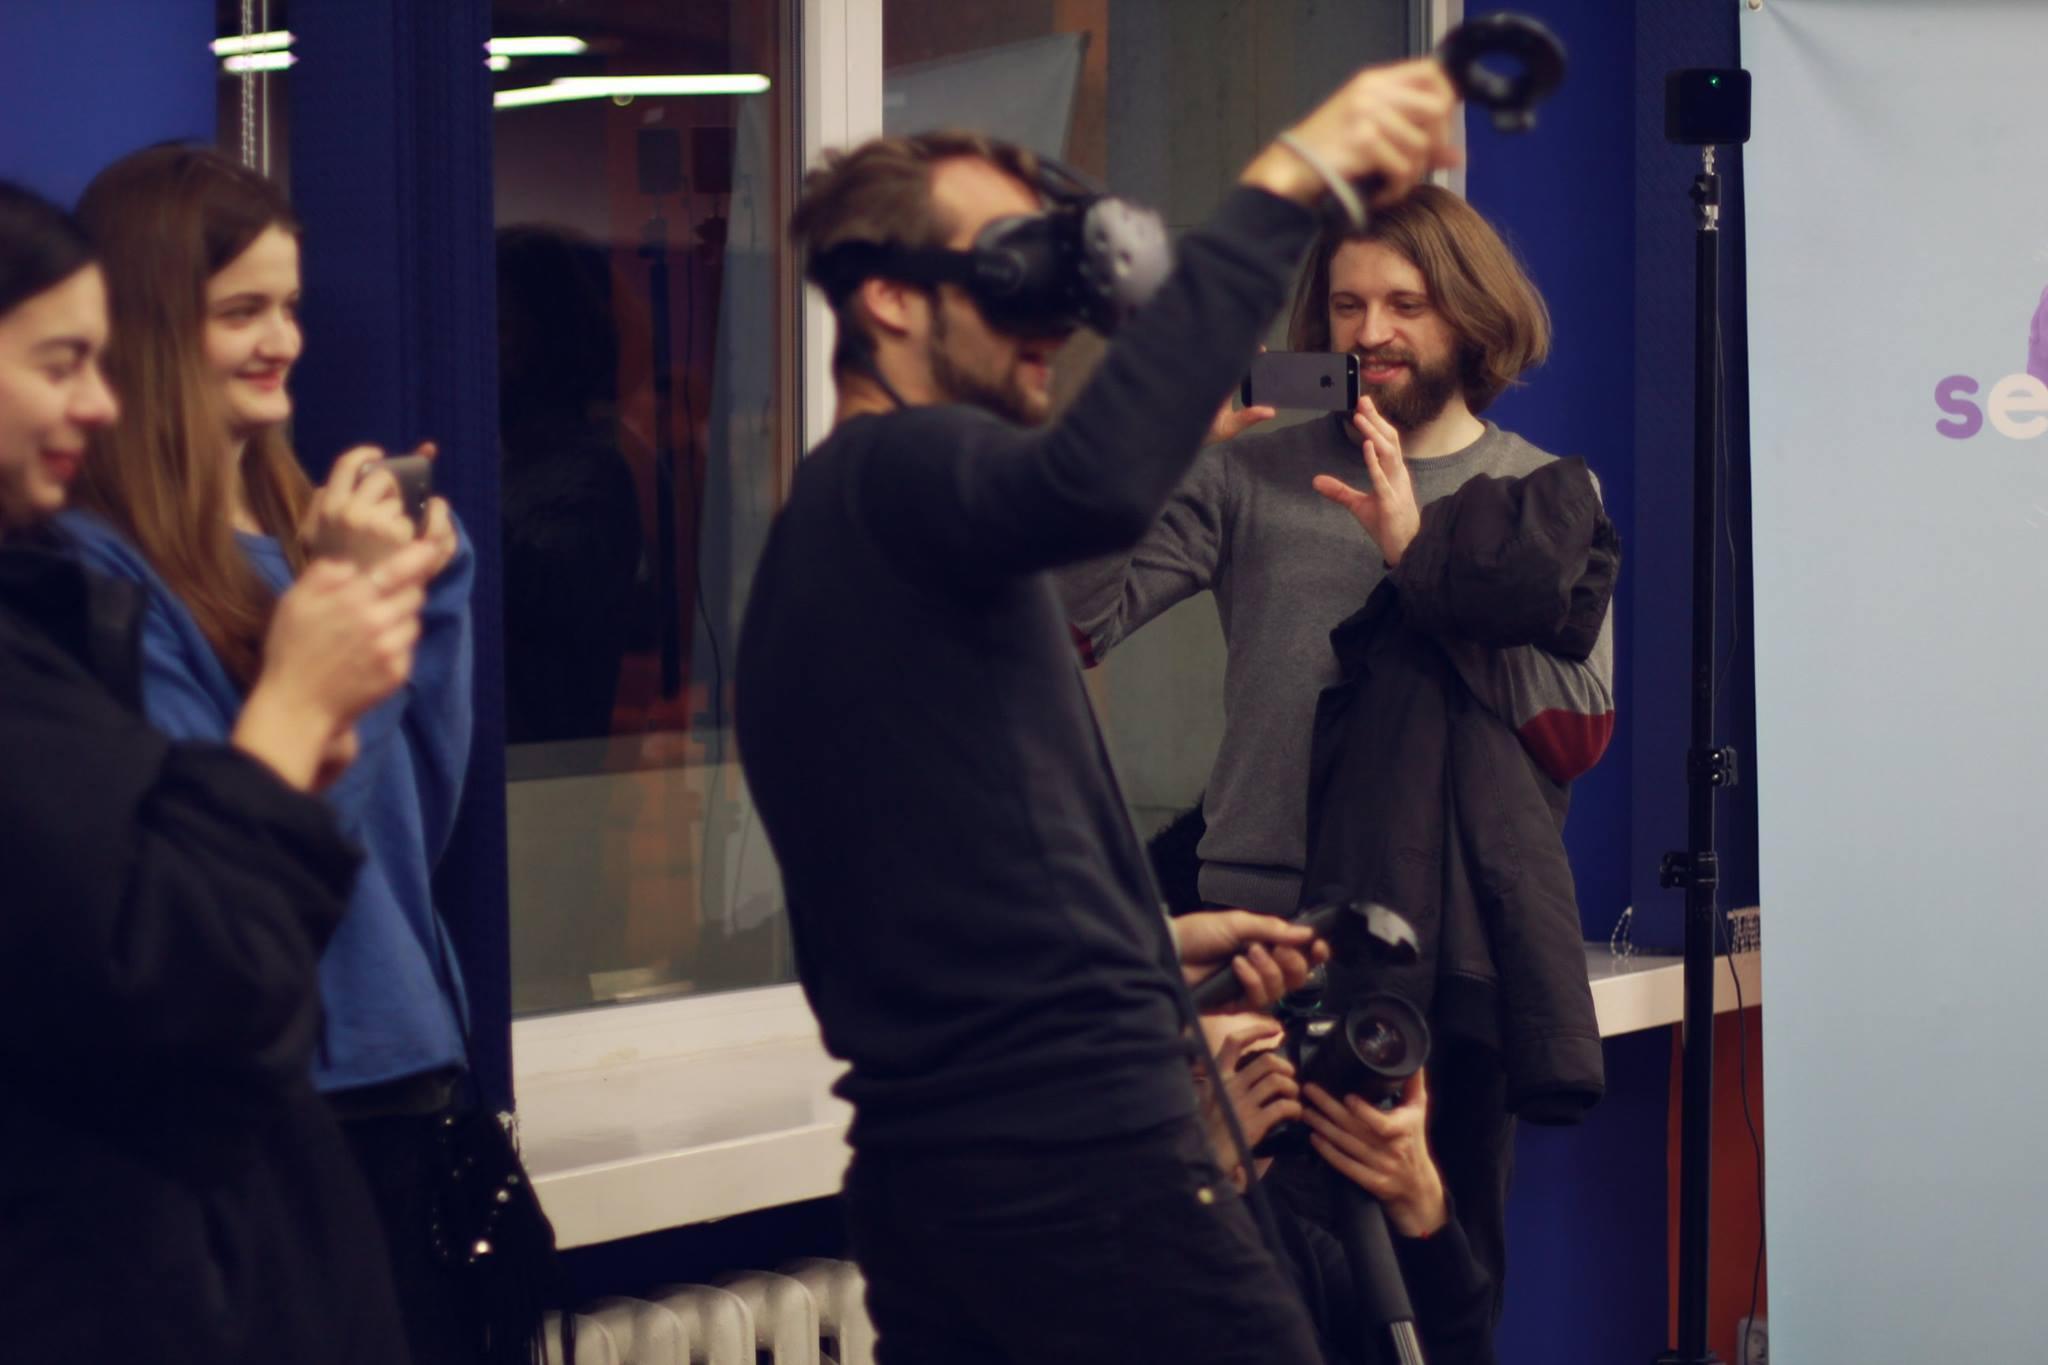 Sensorama VR event